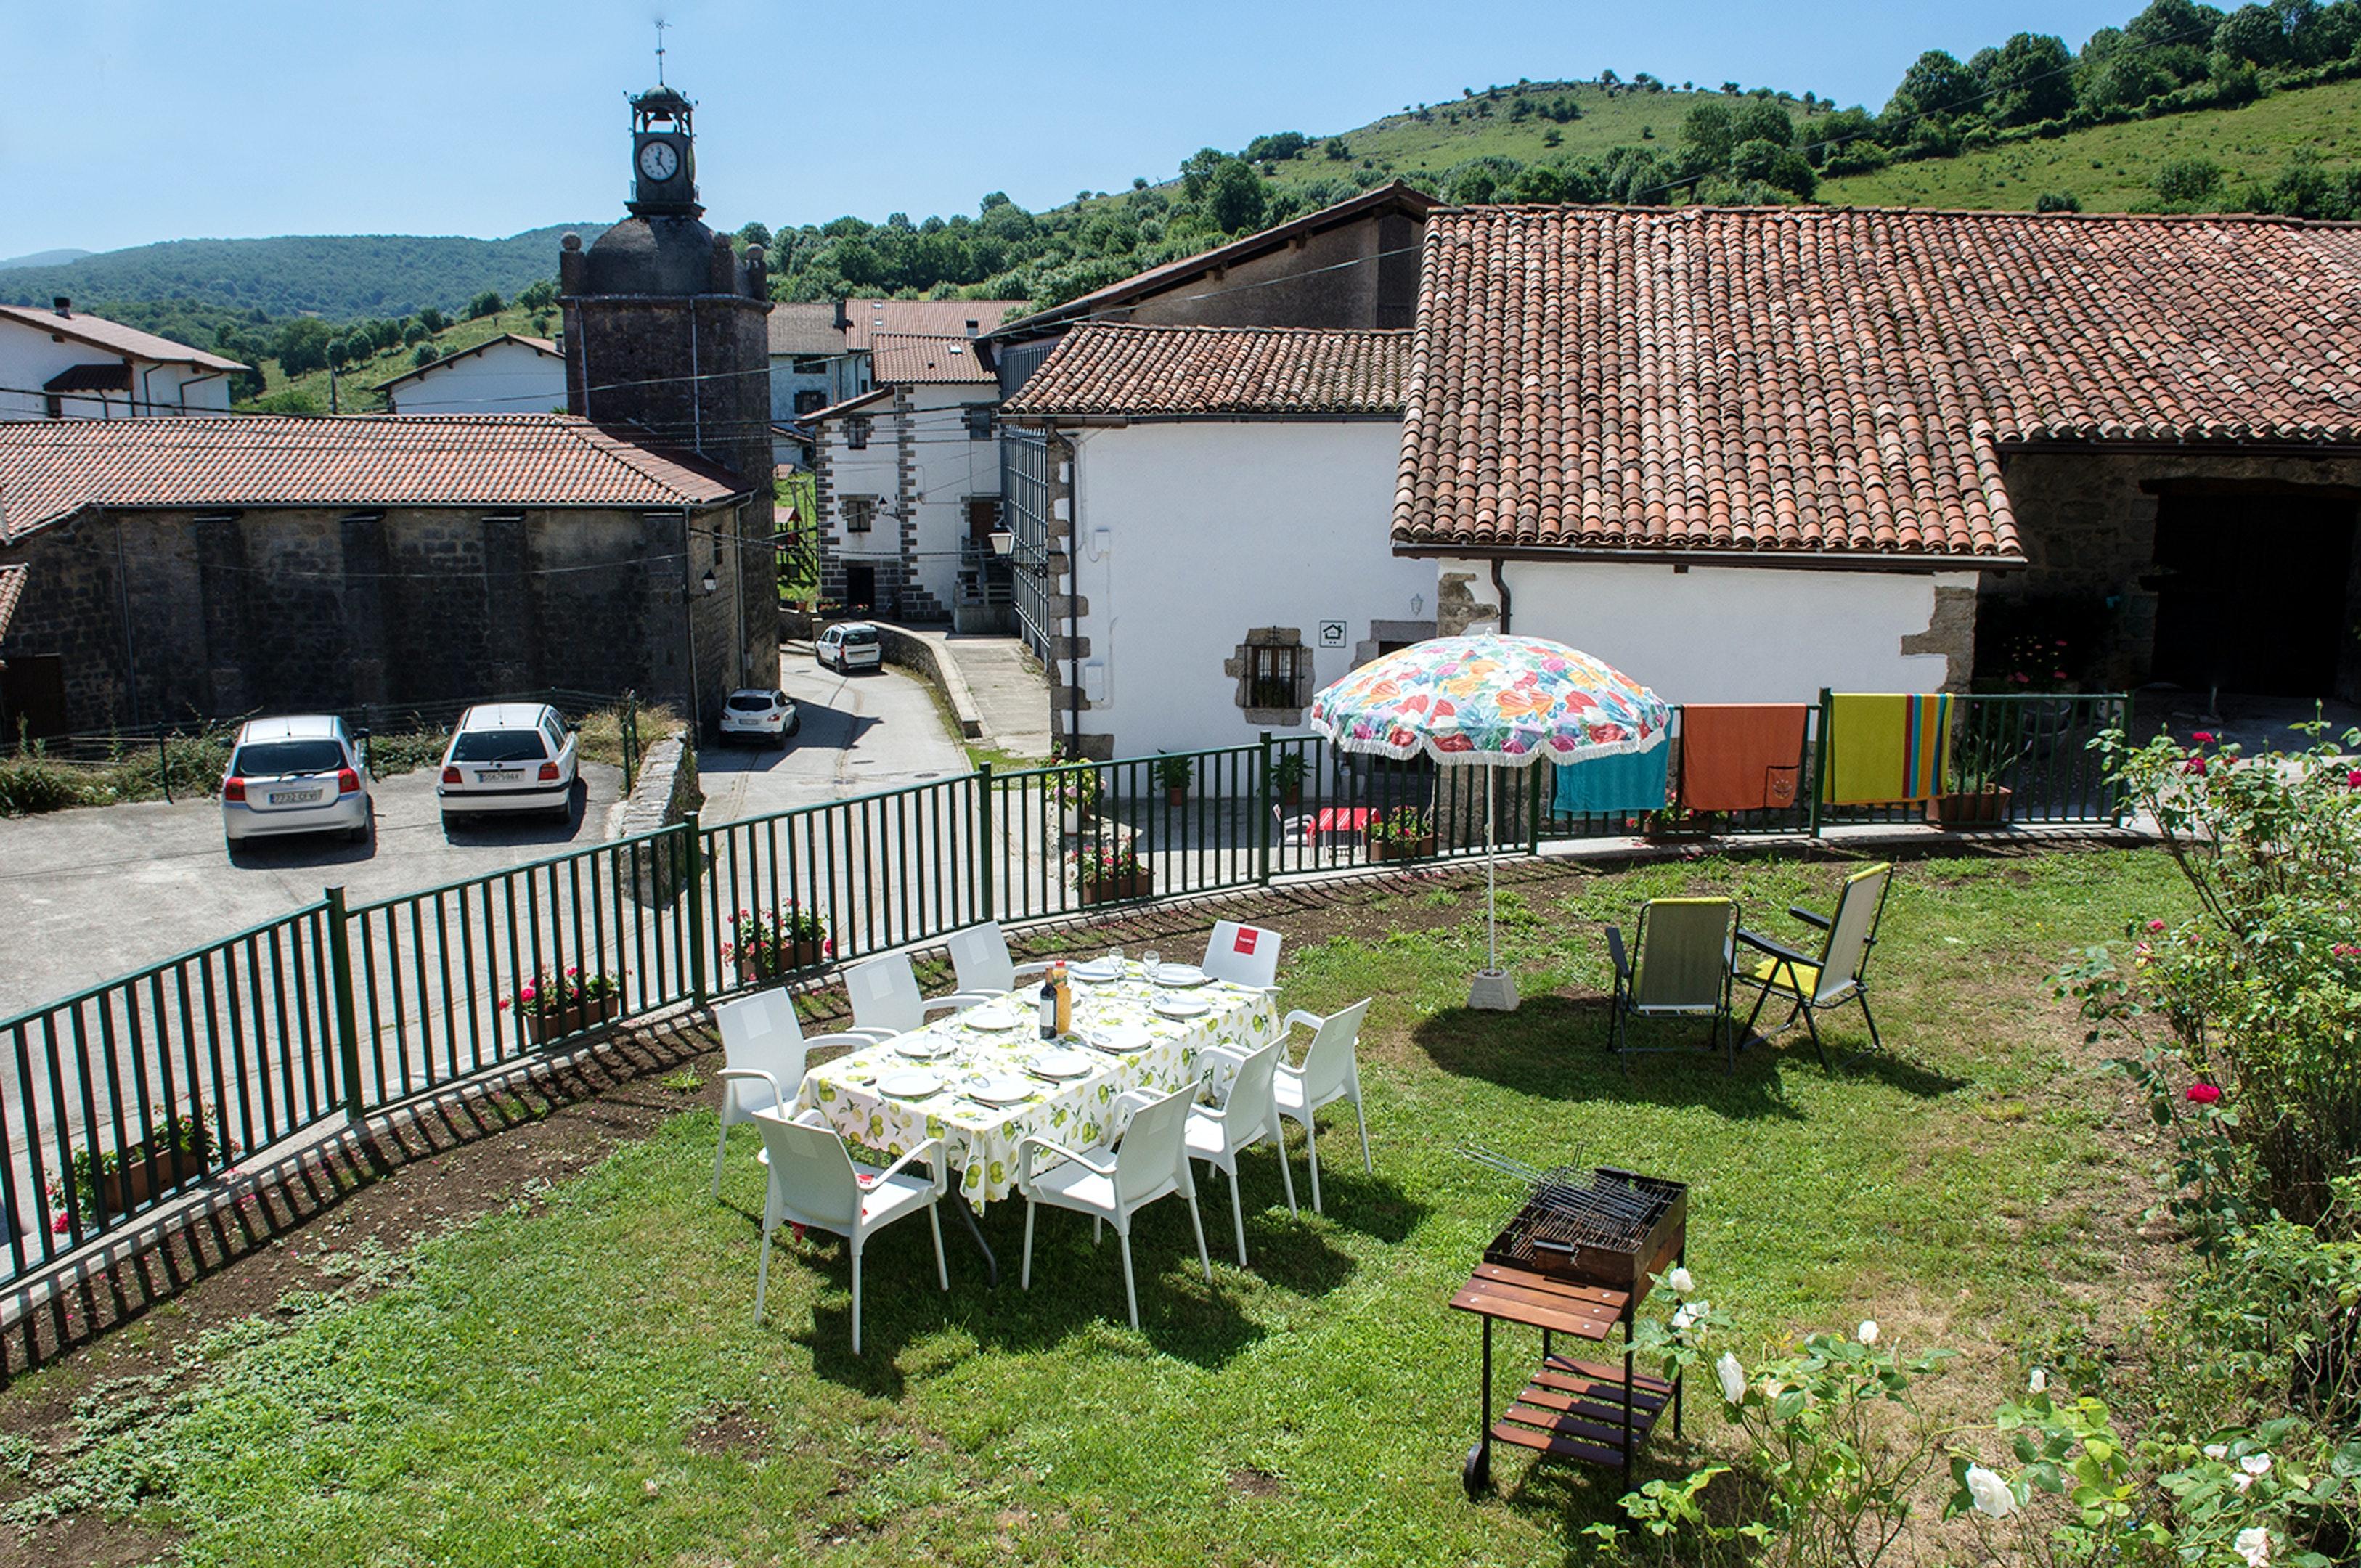 Ferienhaus Haus mit 5 Schlafzimmern in Baráibar mit toller Aussicht auf die Berge, möbliertem Garten  (2541138), Baraibar, , Navarra, Spanien, Bild 24